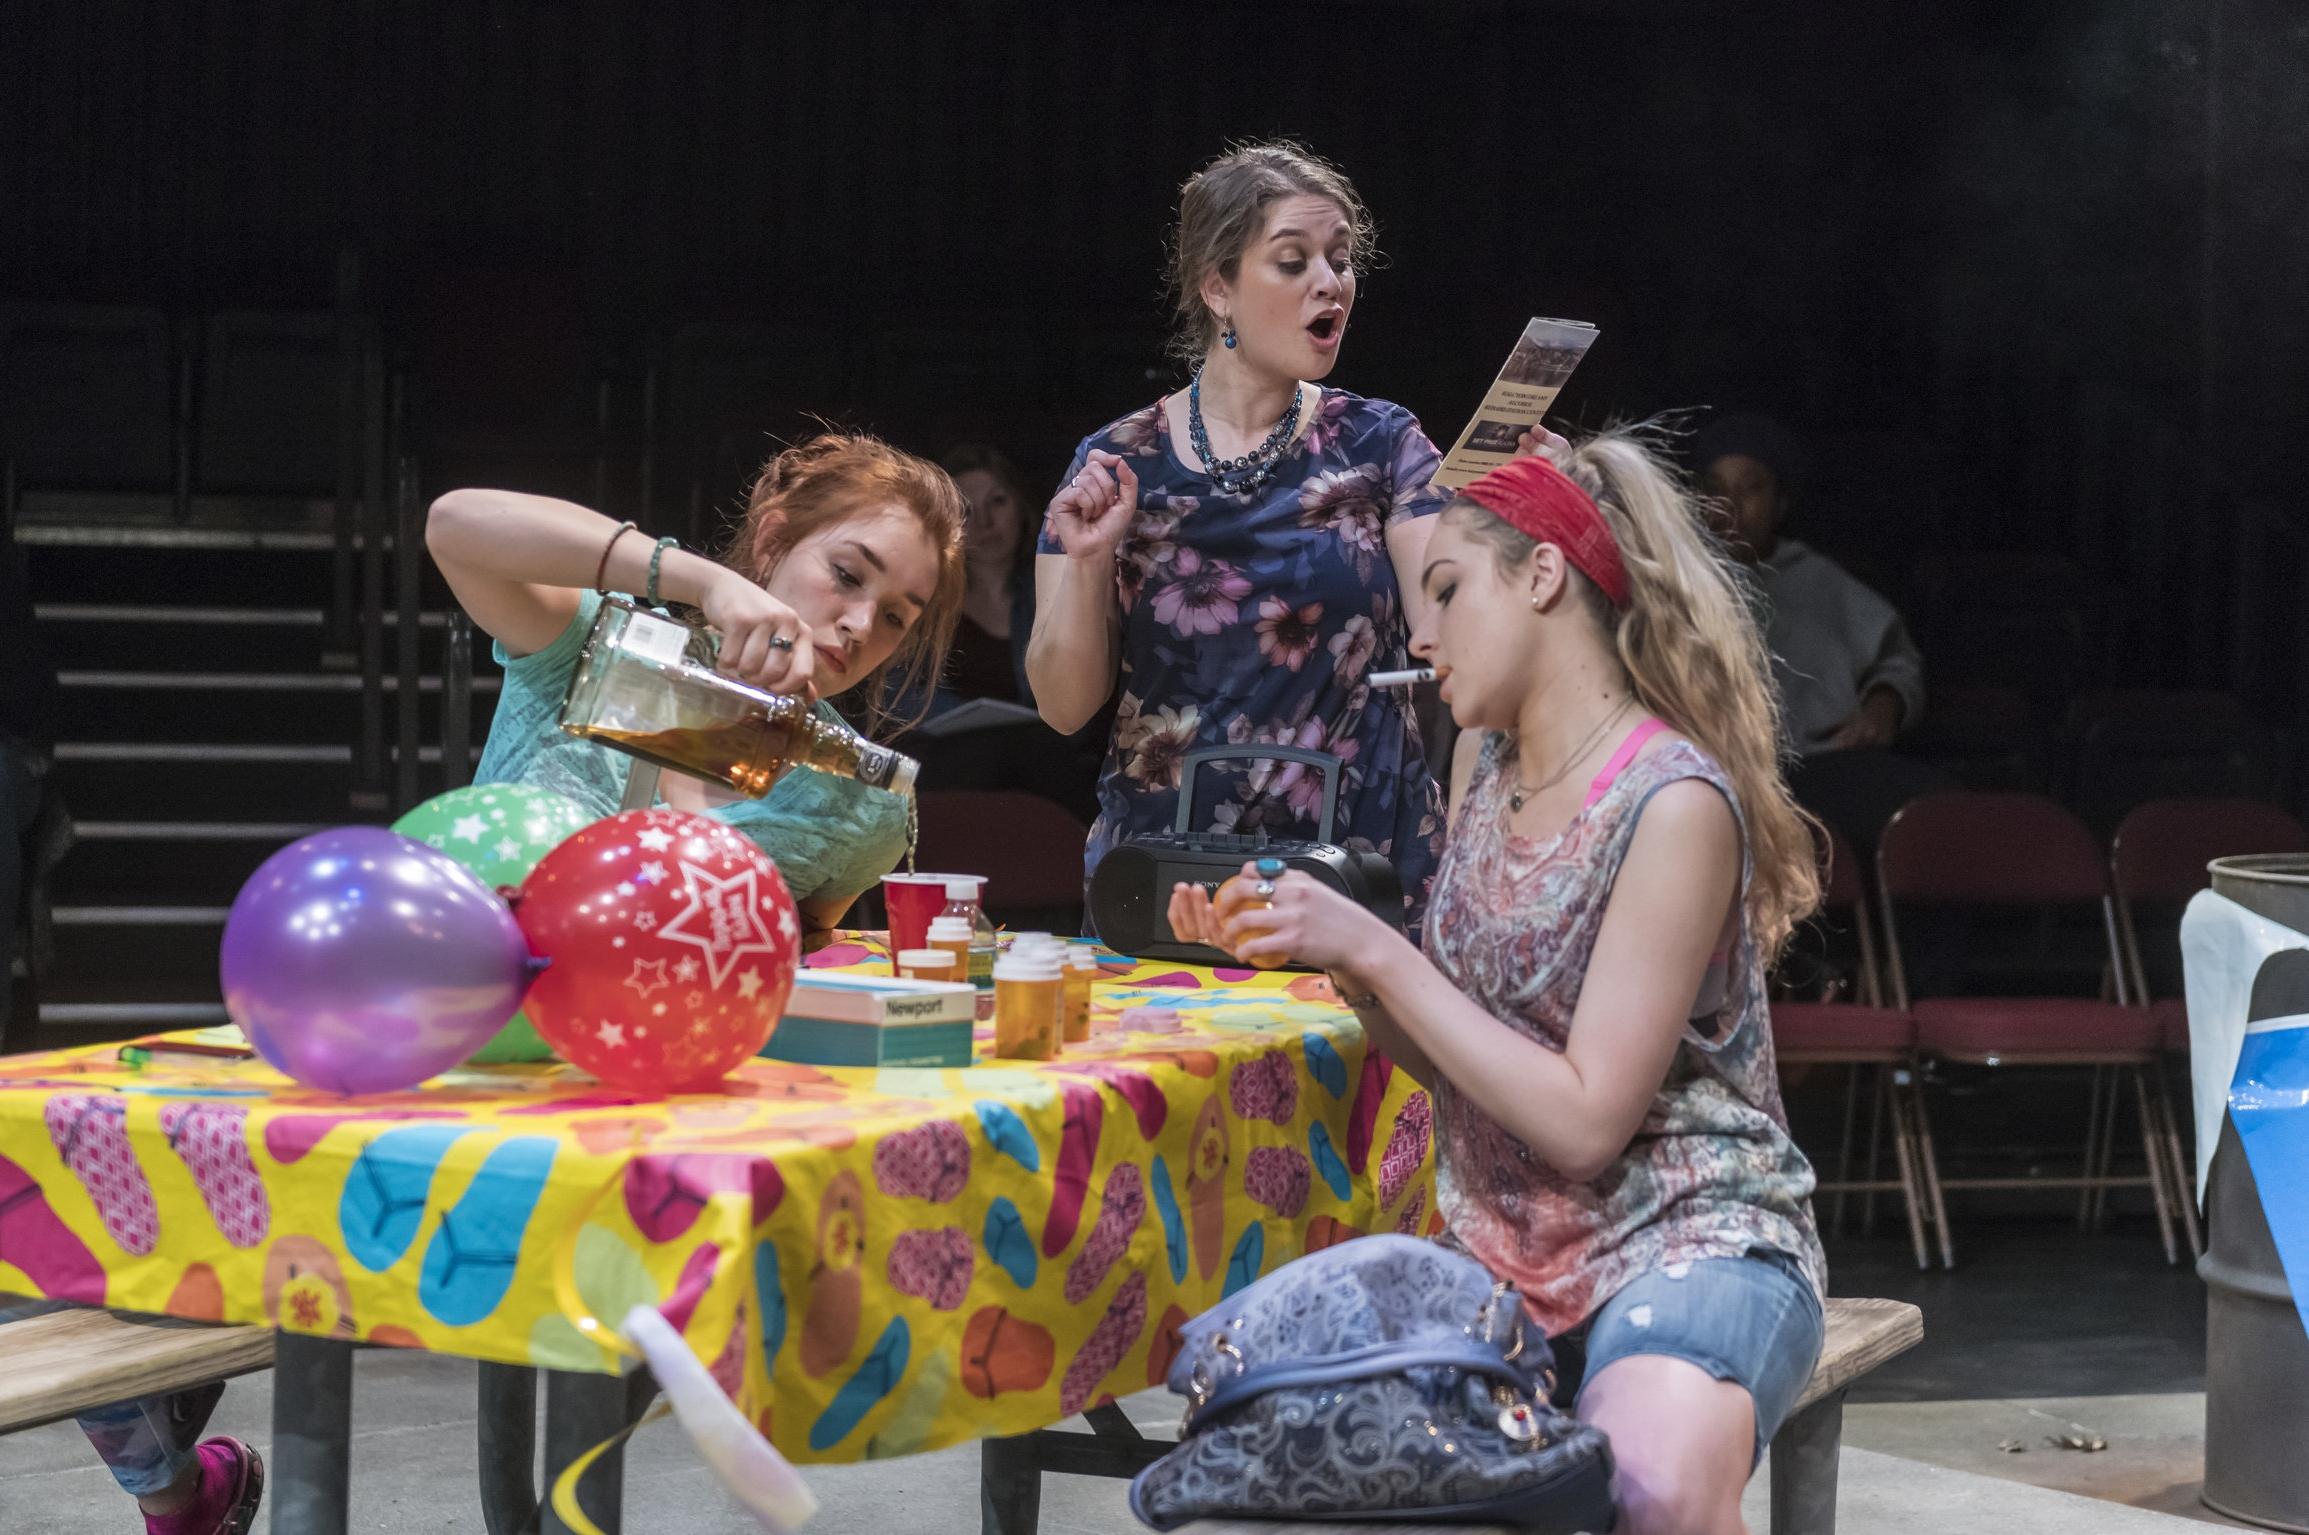 Marie (Diana Gardner), Lillie Anne (Elana Weiner-Kaplow), and Adlean (Kathleen Sullivan)